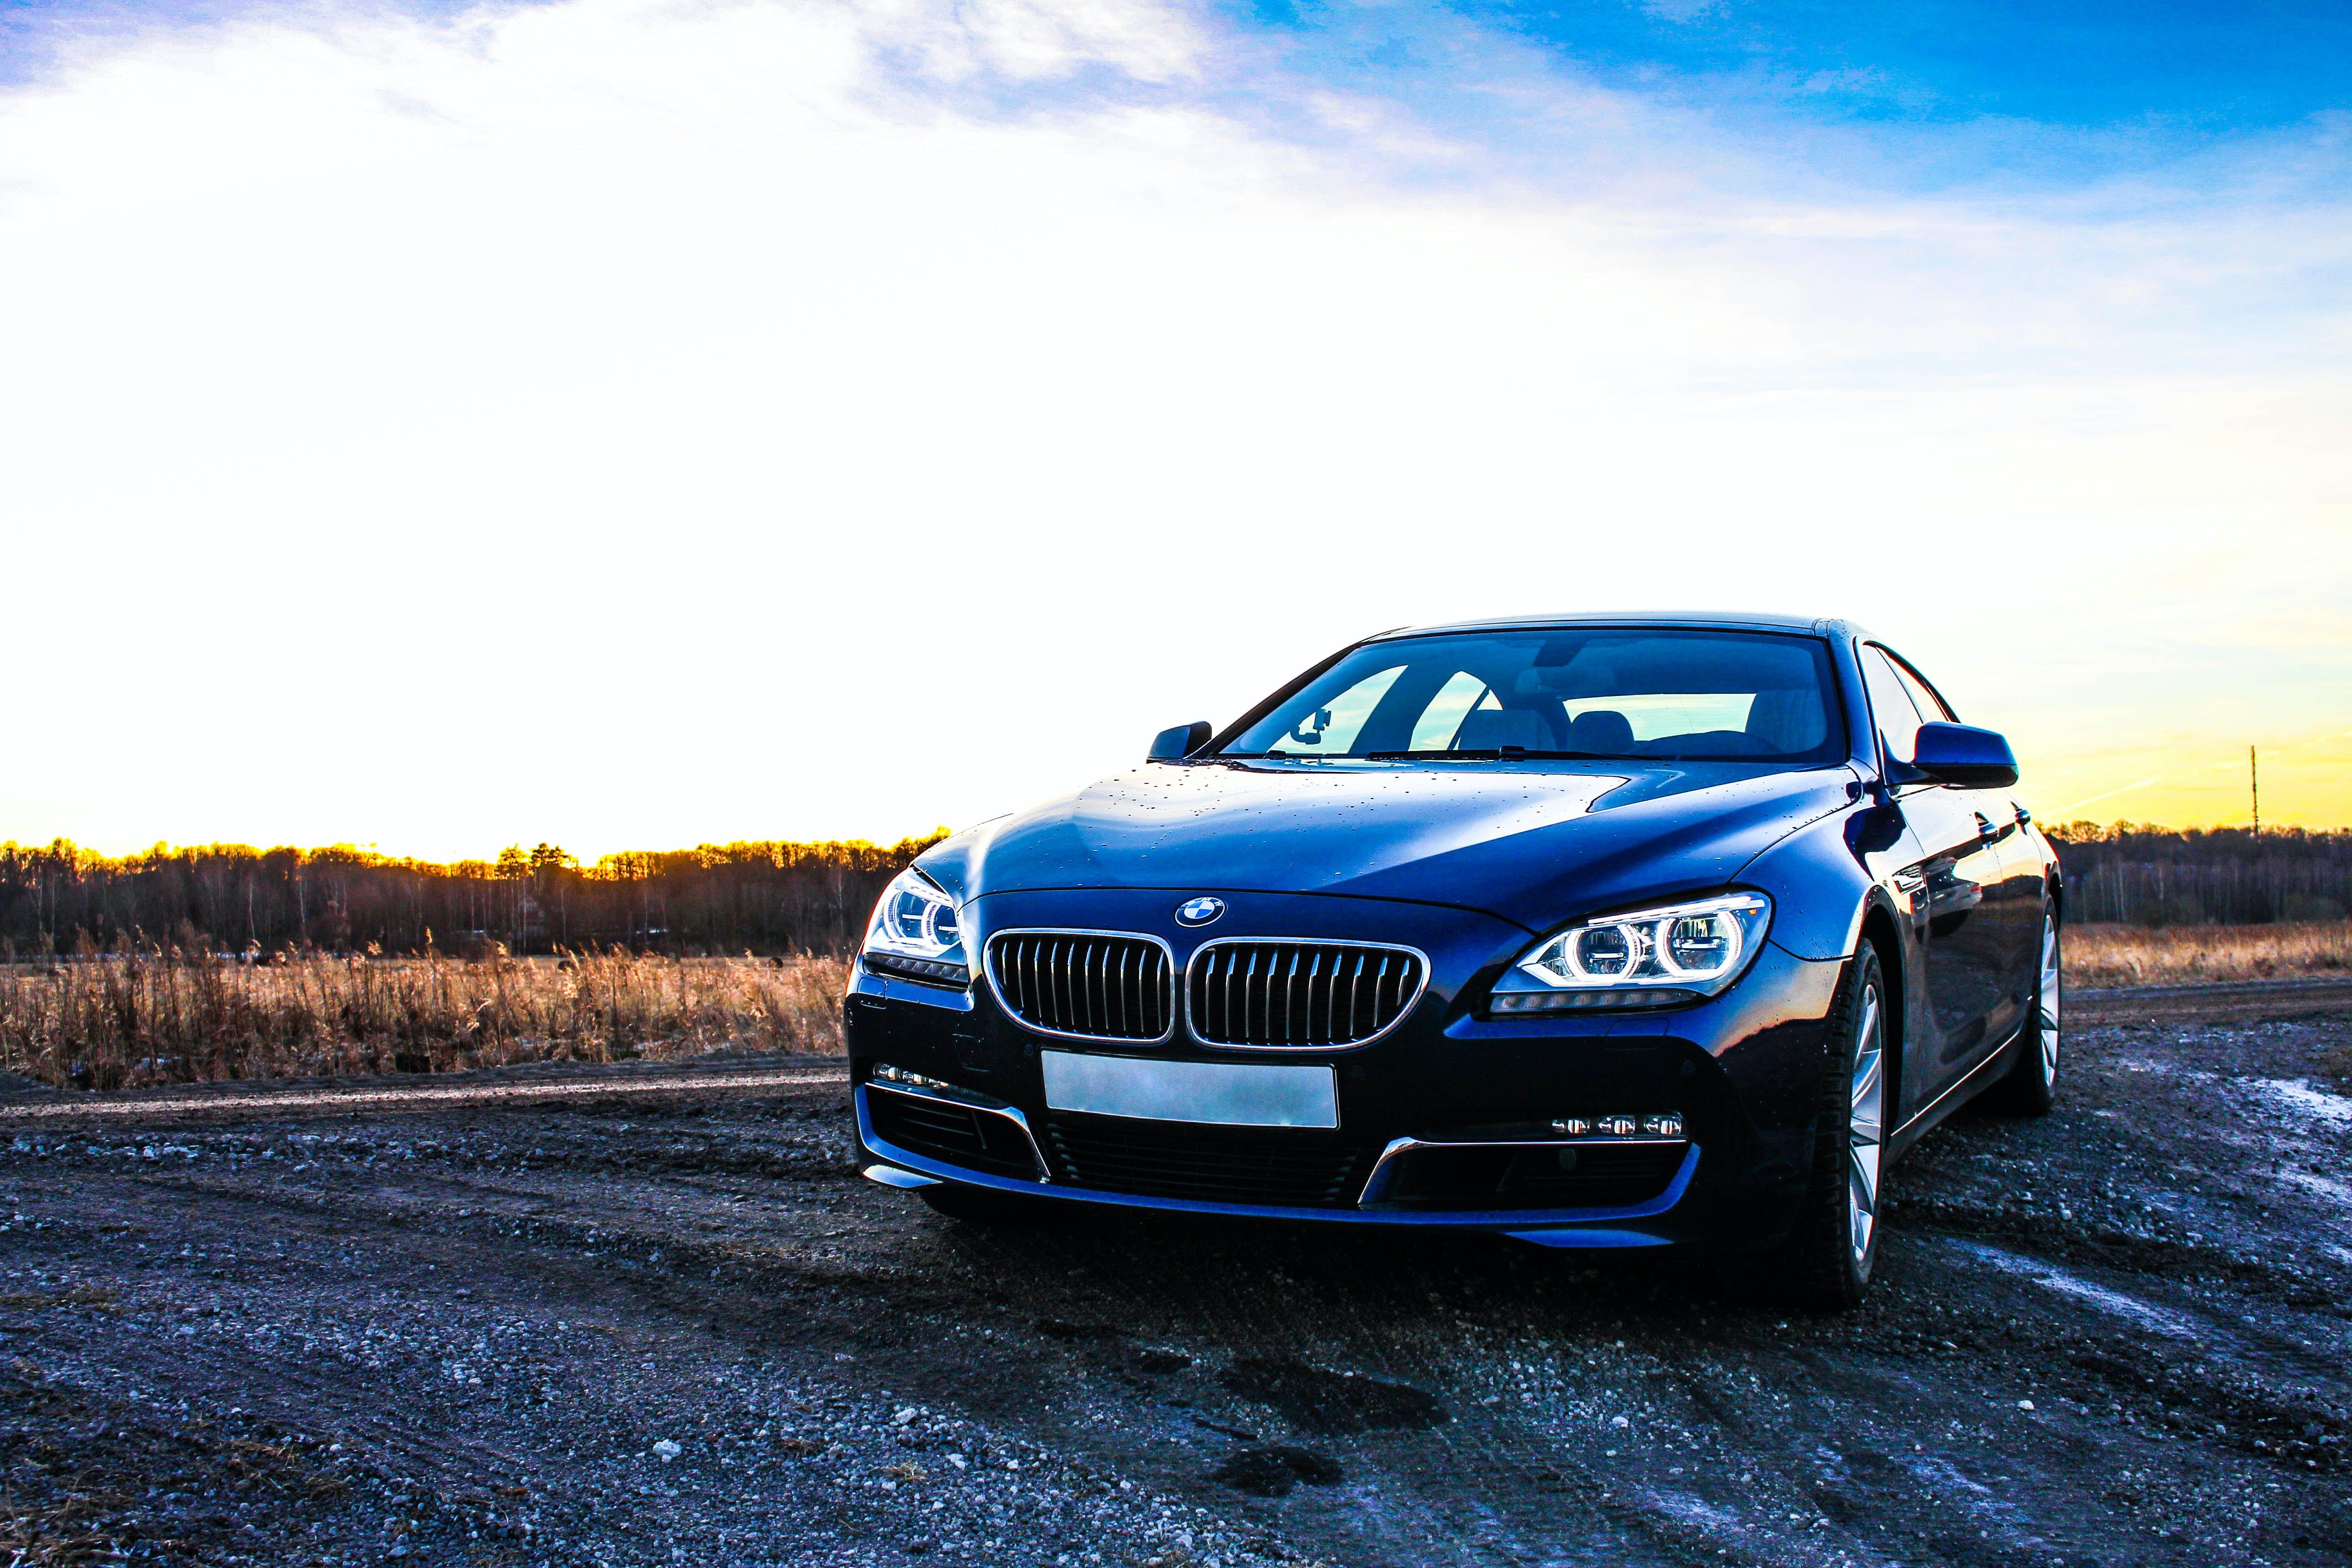 Δωρεάν στοκ φωτογραφιών με bmw 640d, αυτοκίνητο, δύση του ηλίου, καιρός